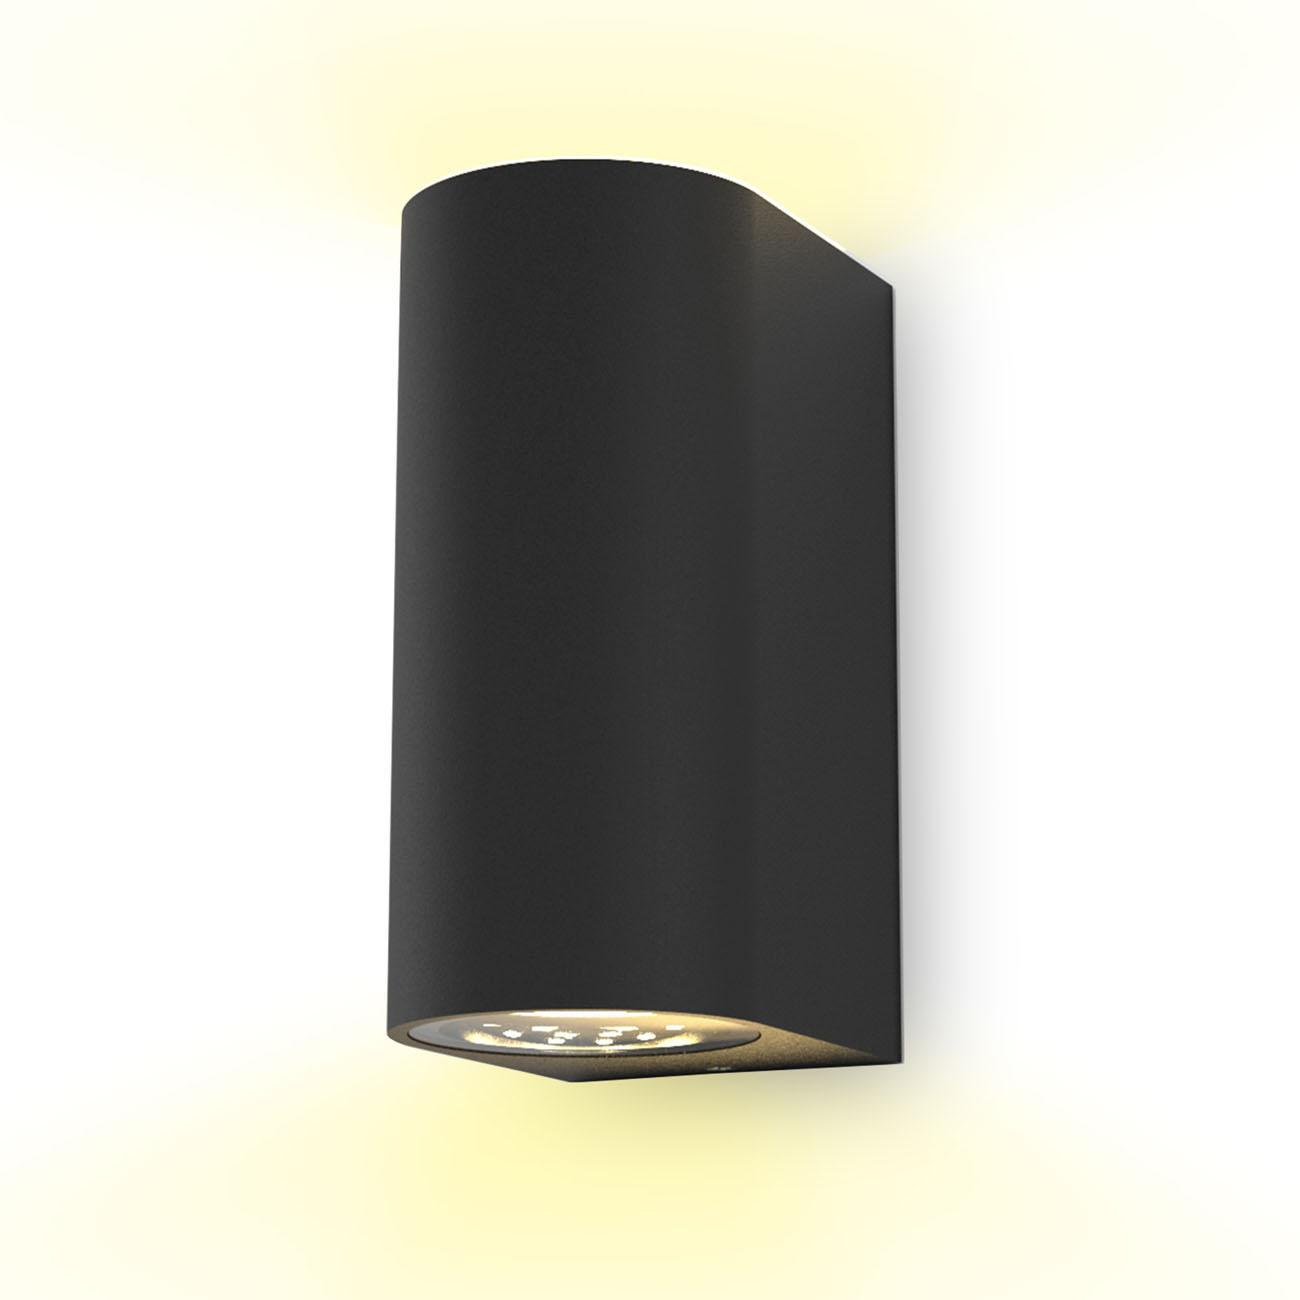 Wandleuchte für Innen und Außen schwarz GU10